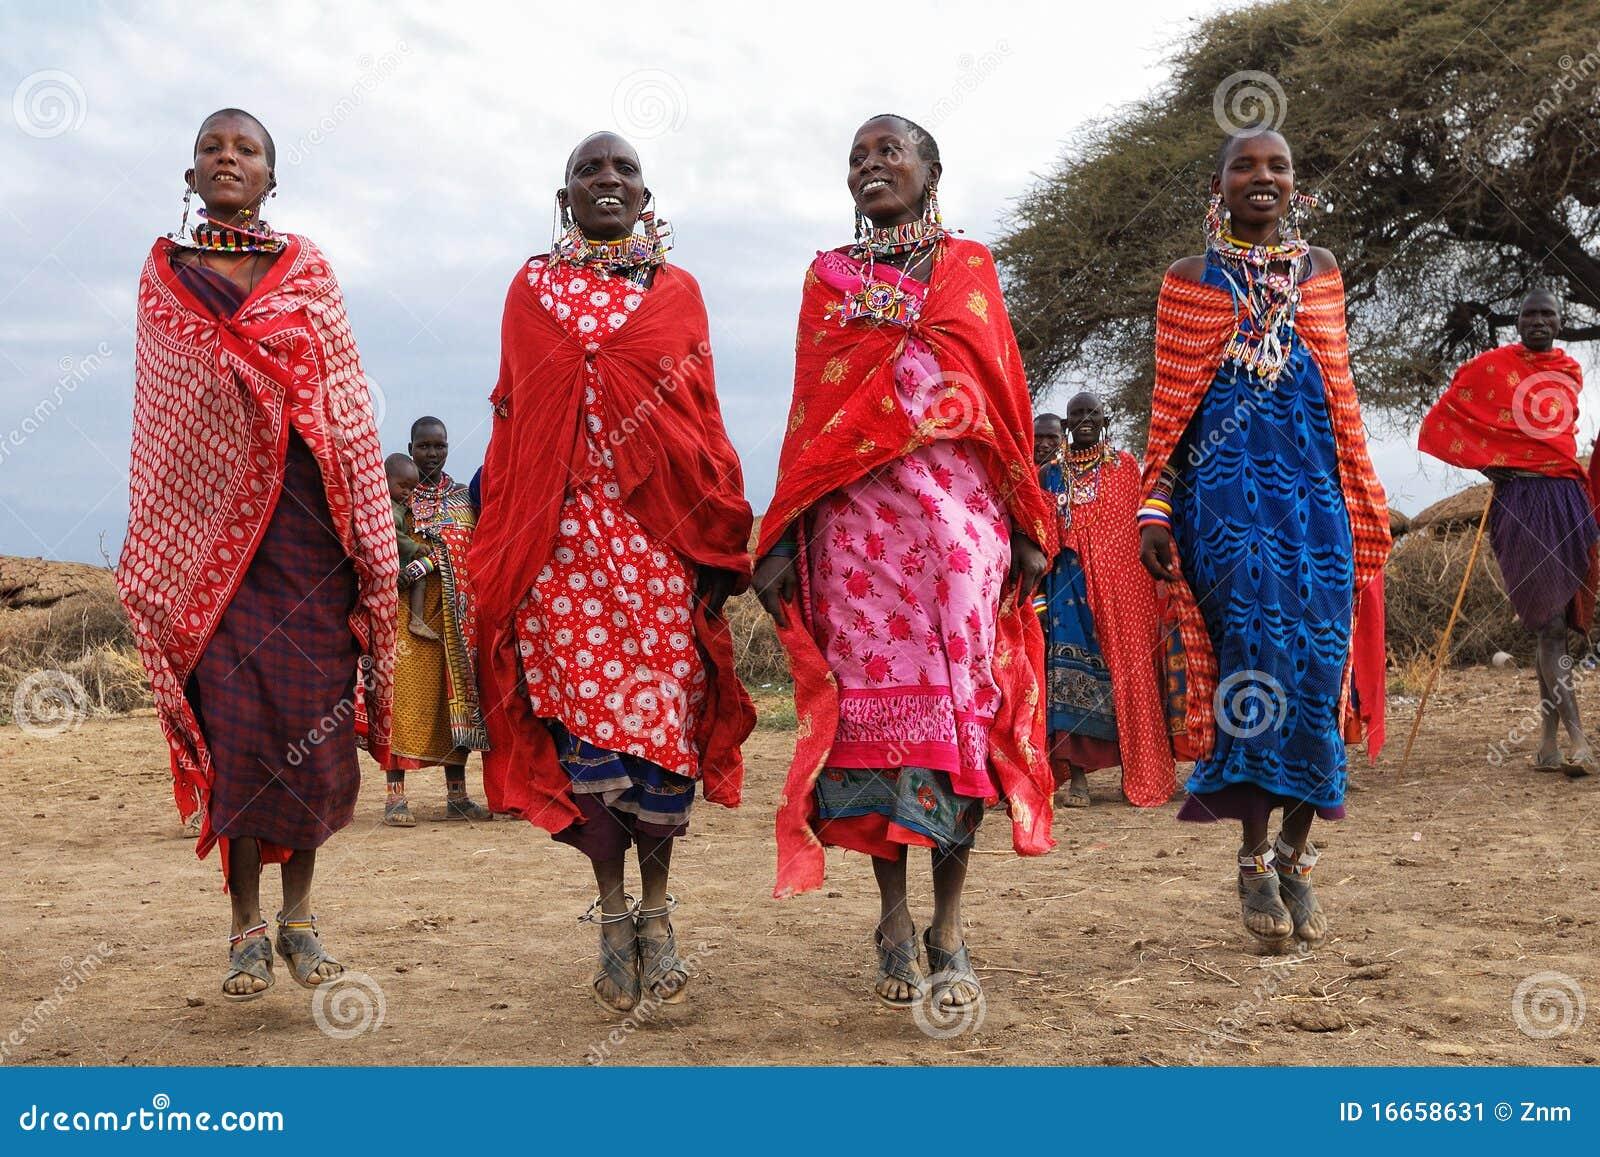 Фото африканских племен без одежды 19 фотография